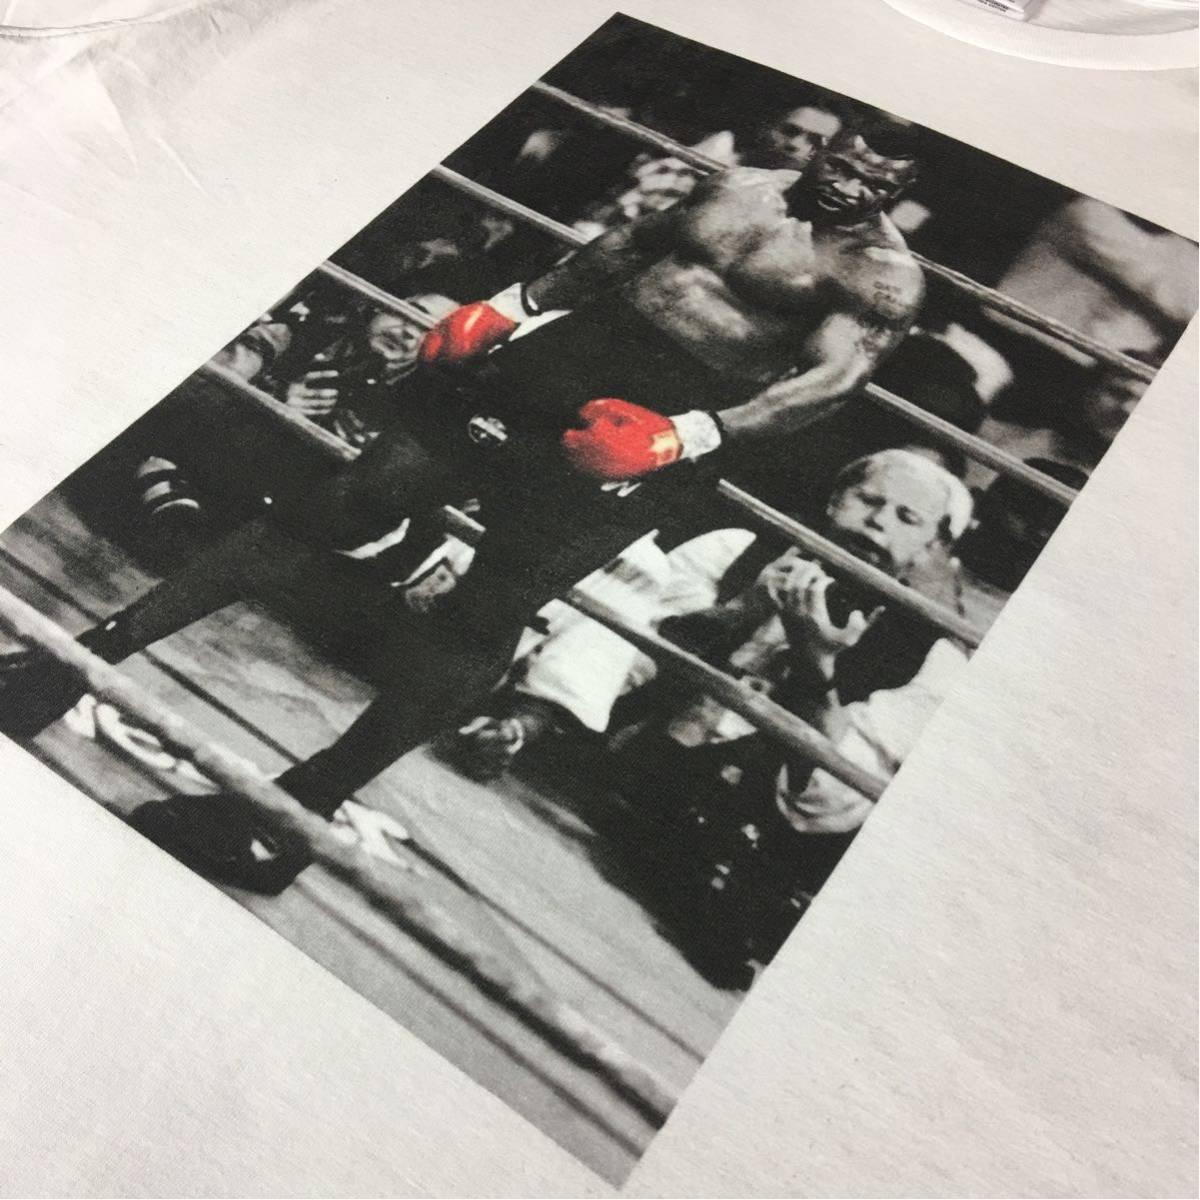 新品 マイクタイソン Tシャツ S M L XL ボクシング モハメドアリ 大きい ビッグ オーバー サイズ XXL 3XL 4XL 5XL ロンT 長袖 黒 対応 可能_画像7